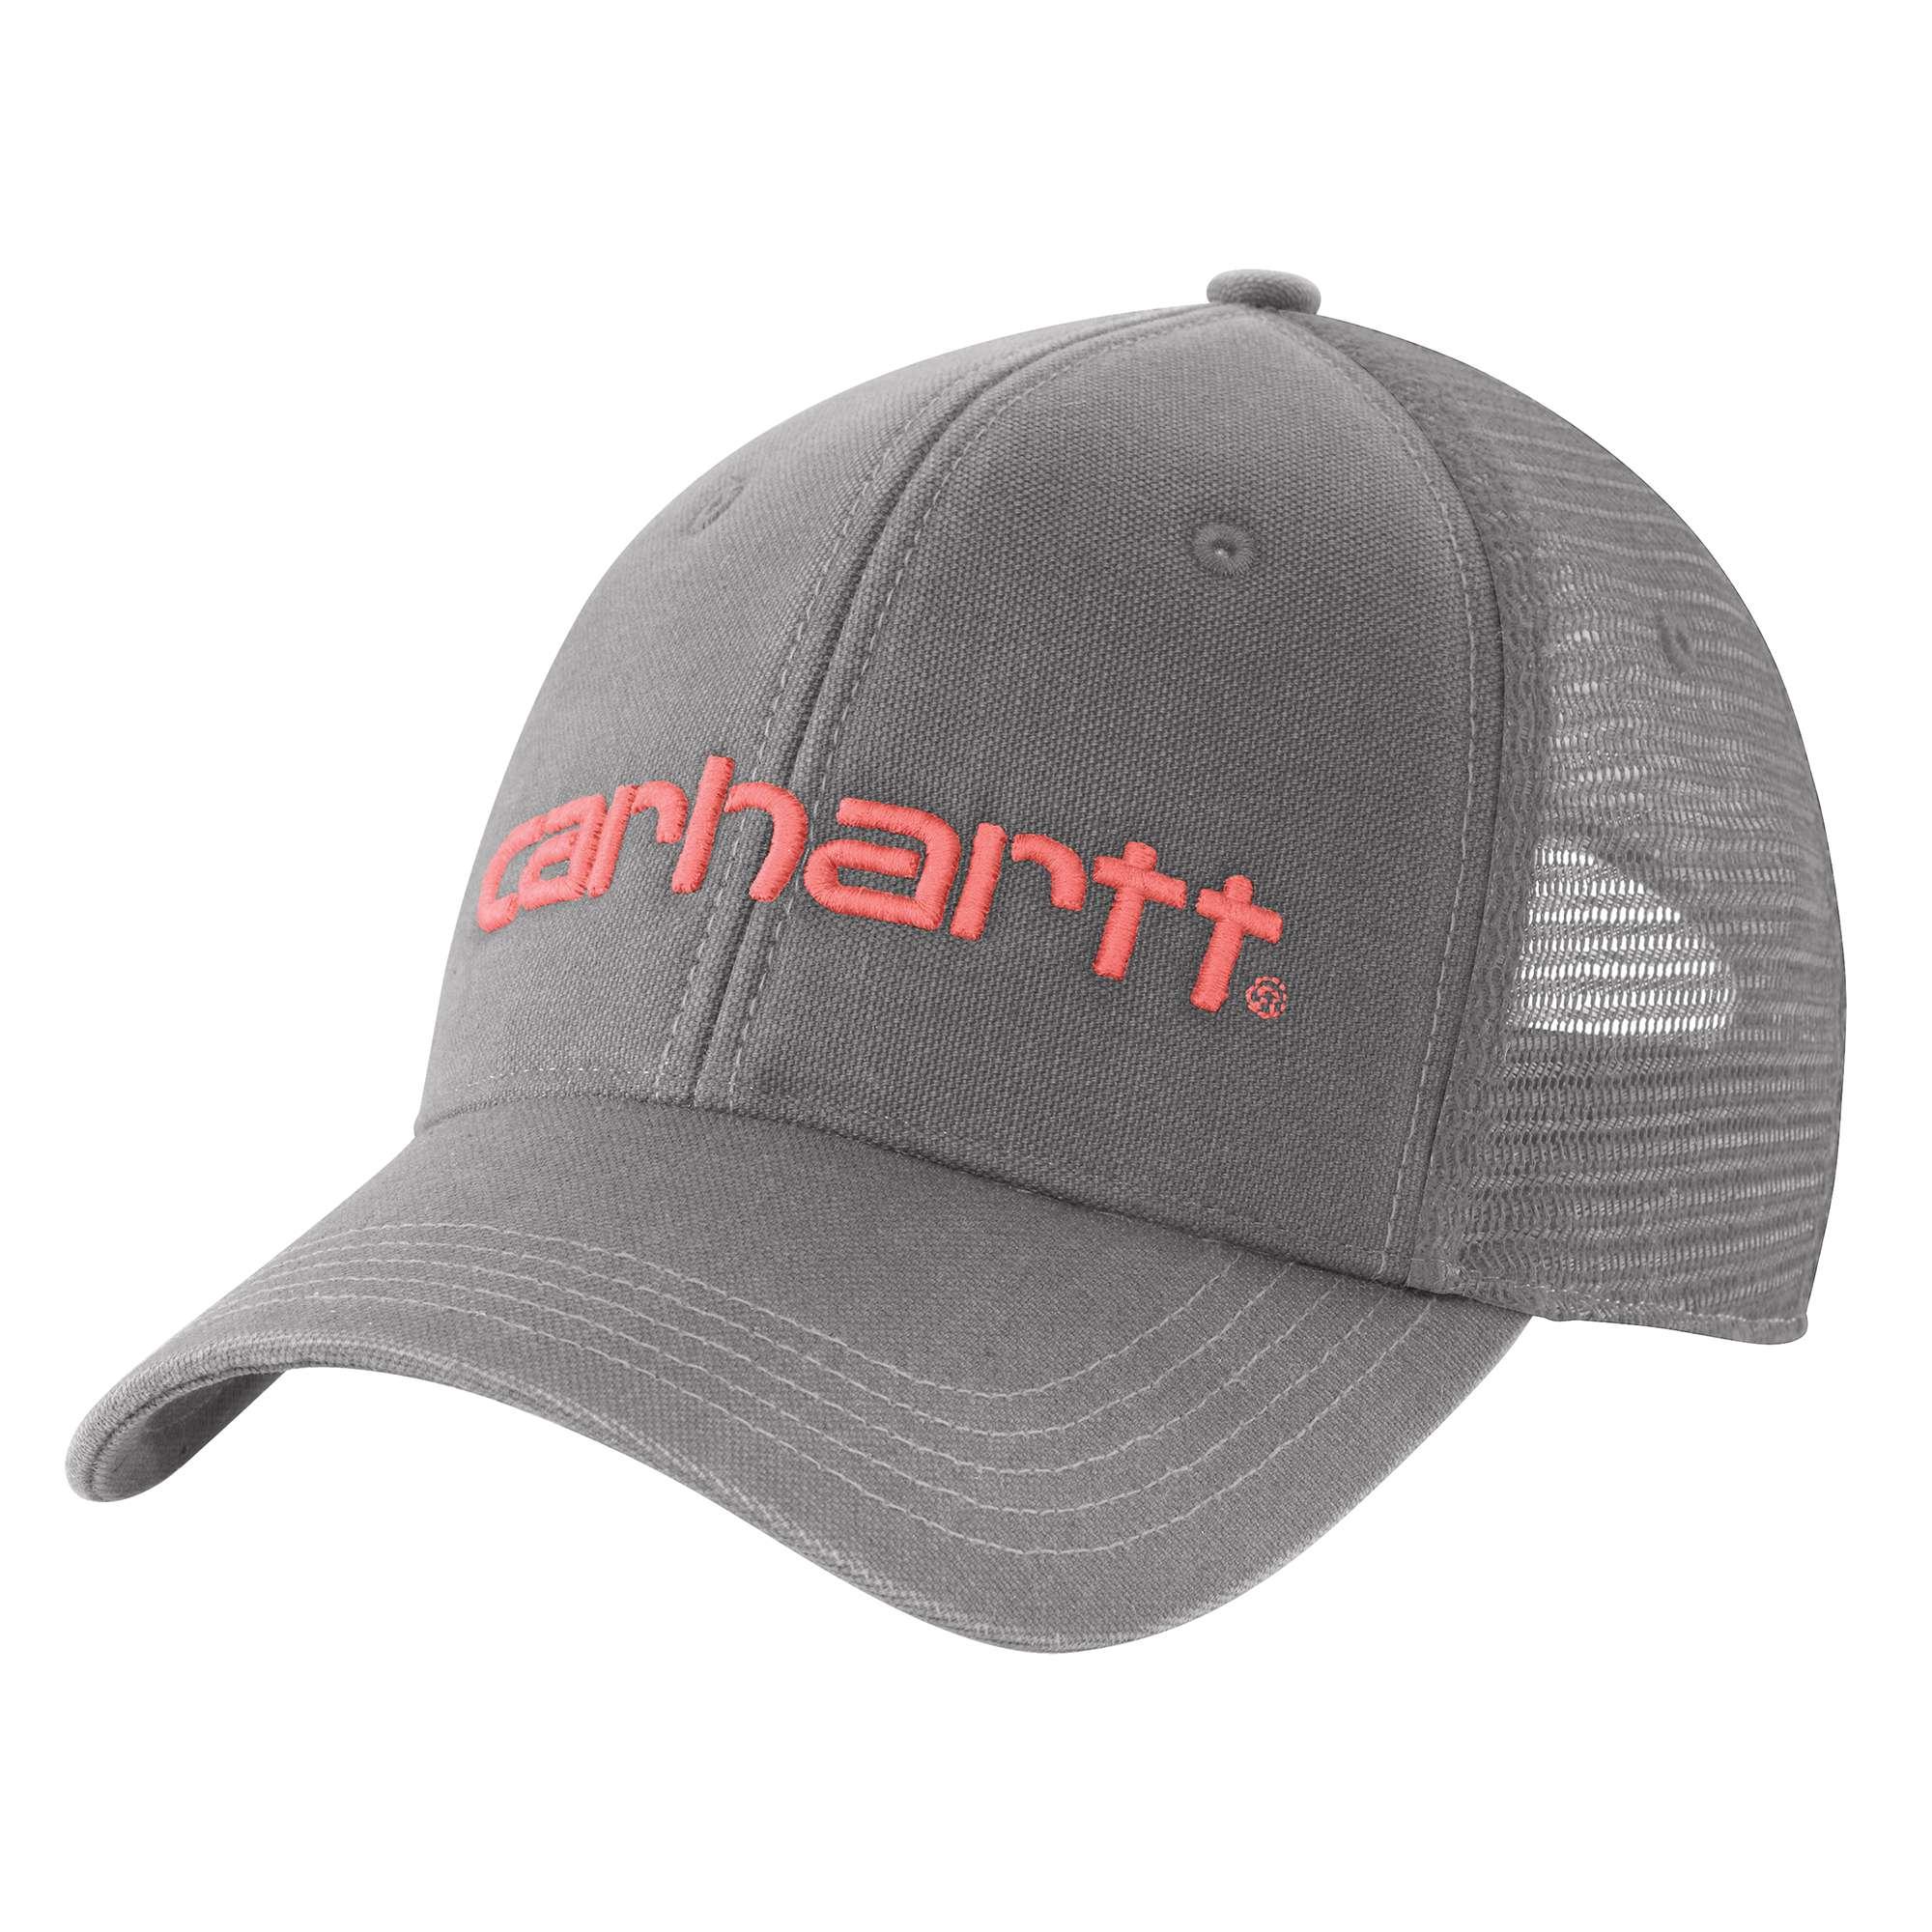 Carhartt Mesh-Back Cap